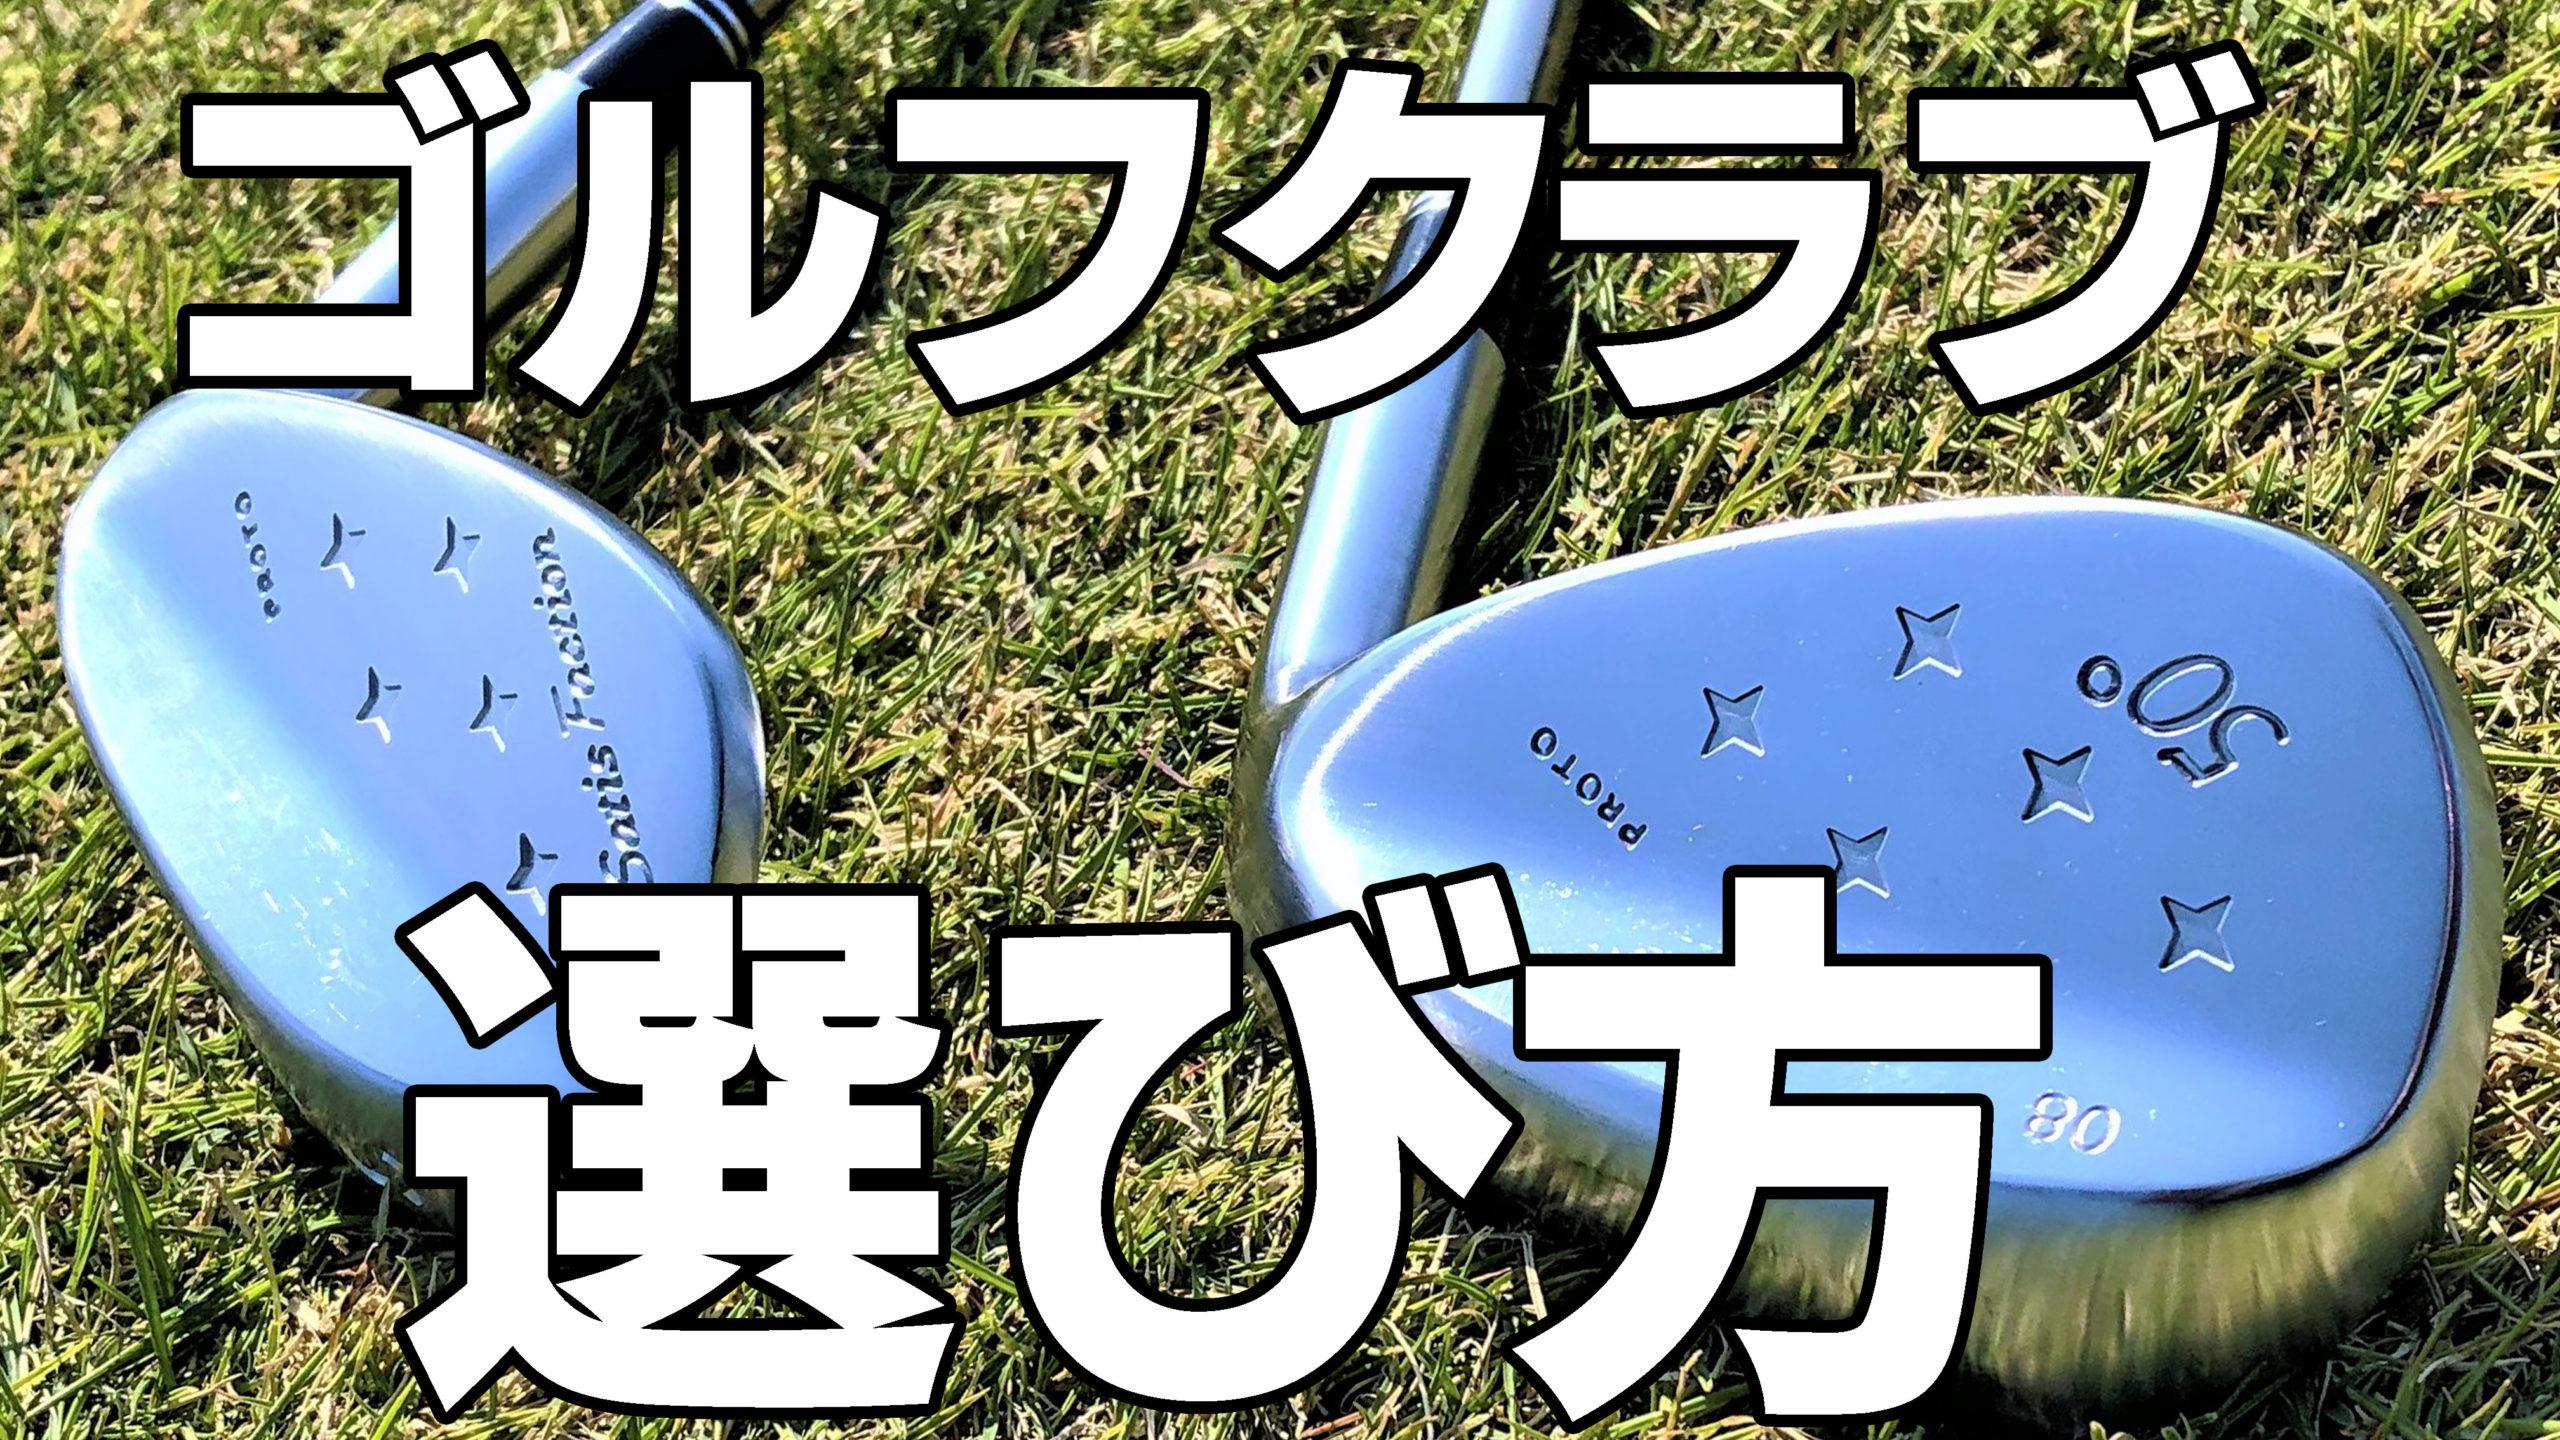 ゴルフクラブ選び方